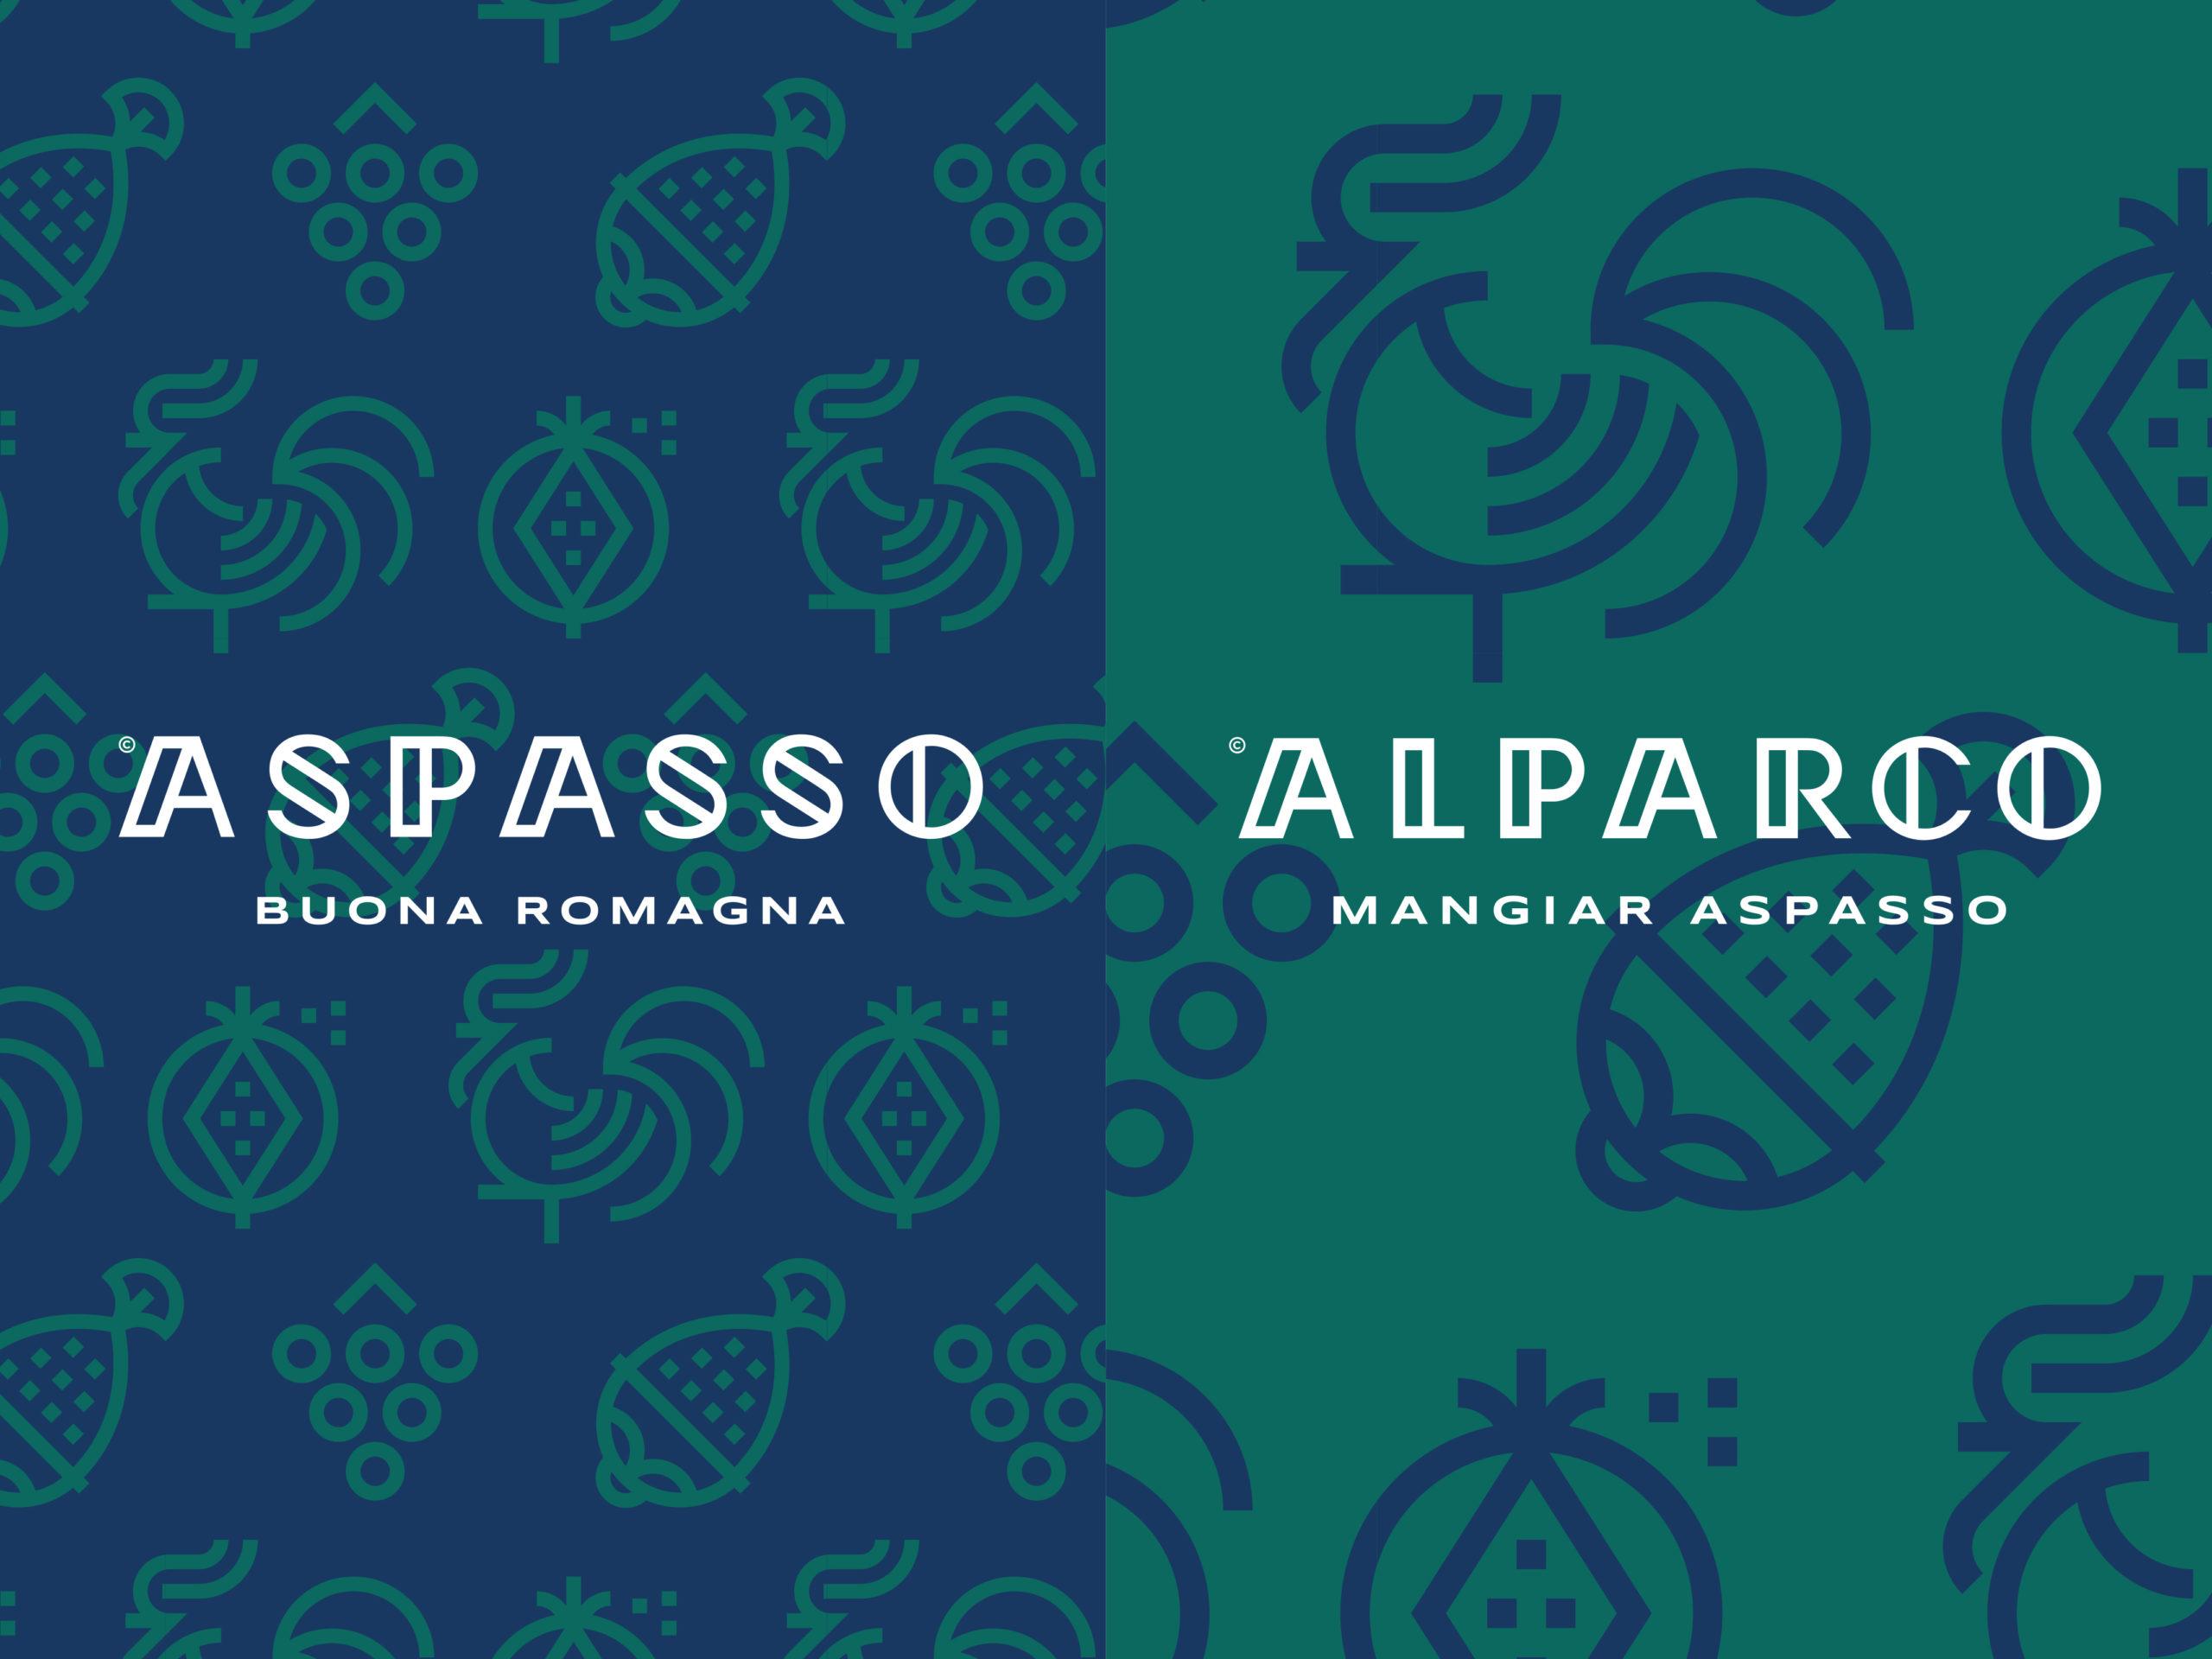 ASP18_Risto_R01_ALPARCO - Constudio